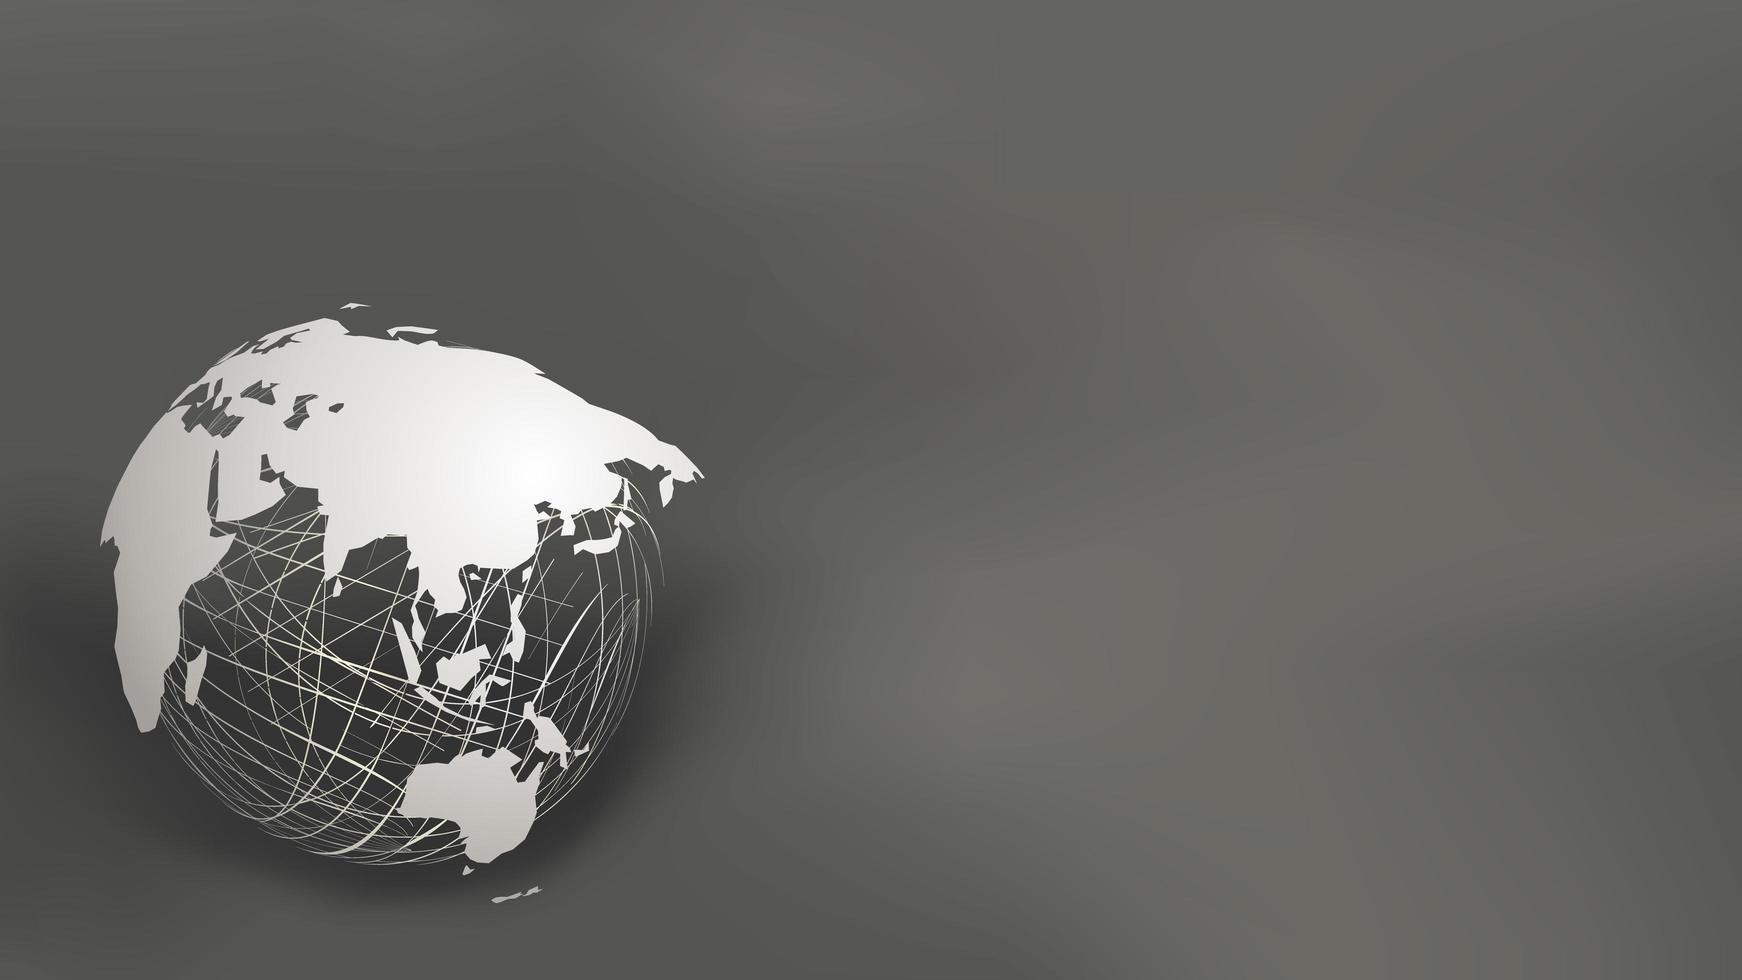 La carta della mappa di mondo ha tagliato lo stile sulla sfera bianca della maglia su grigio scuro vettore